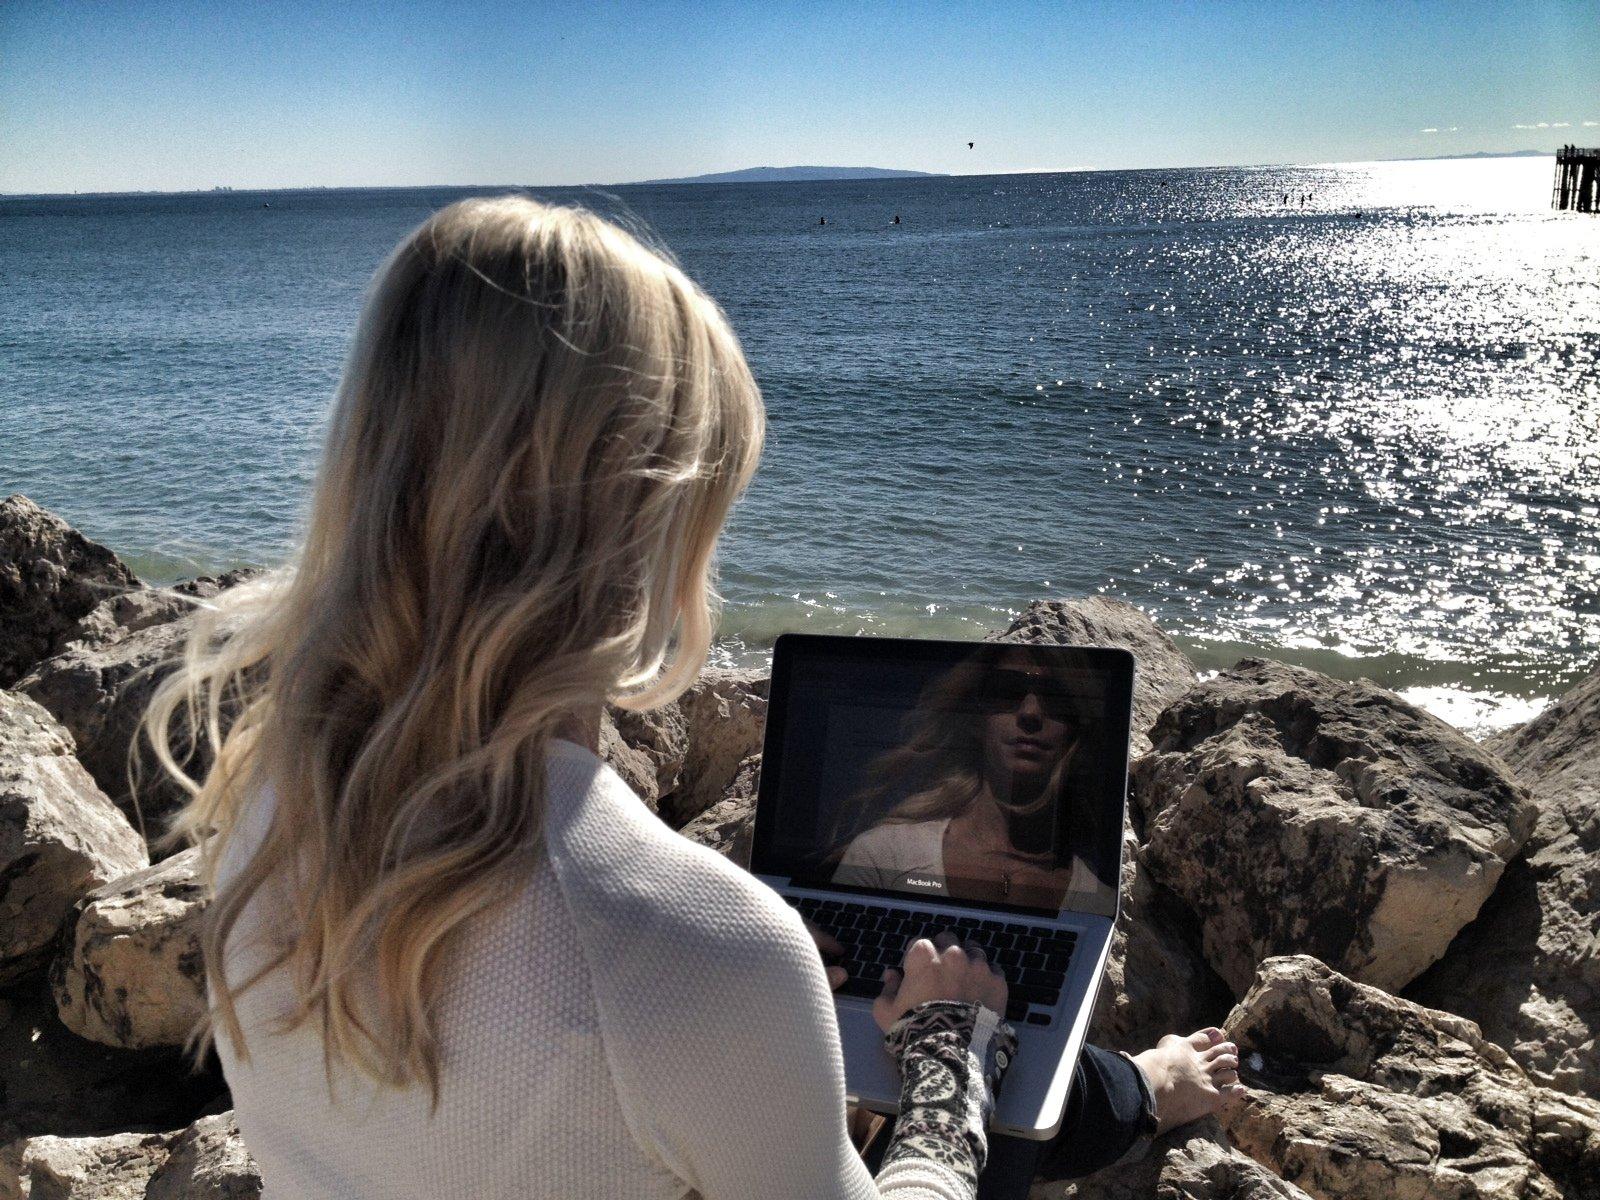 #HeidiPowell beach breaktime #familytime https://heidipowell.net/198